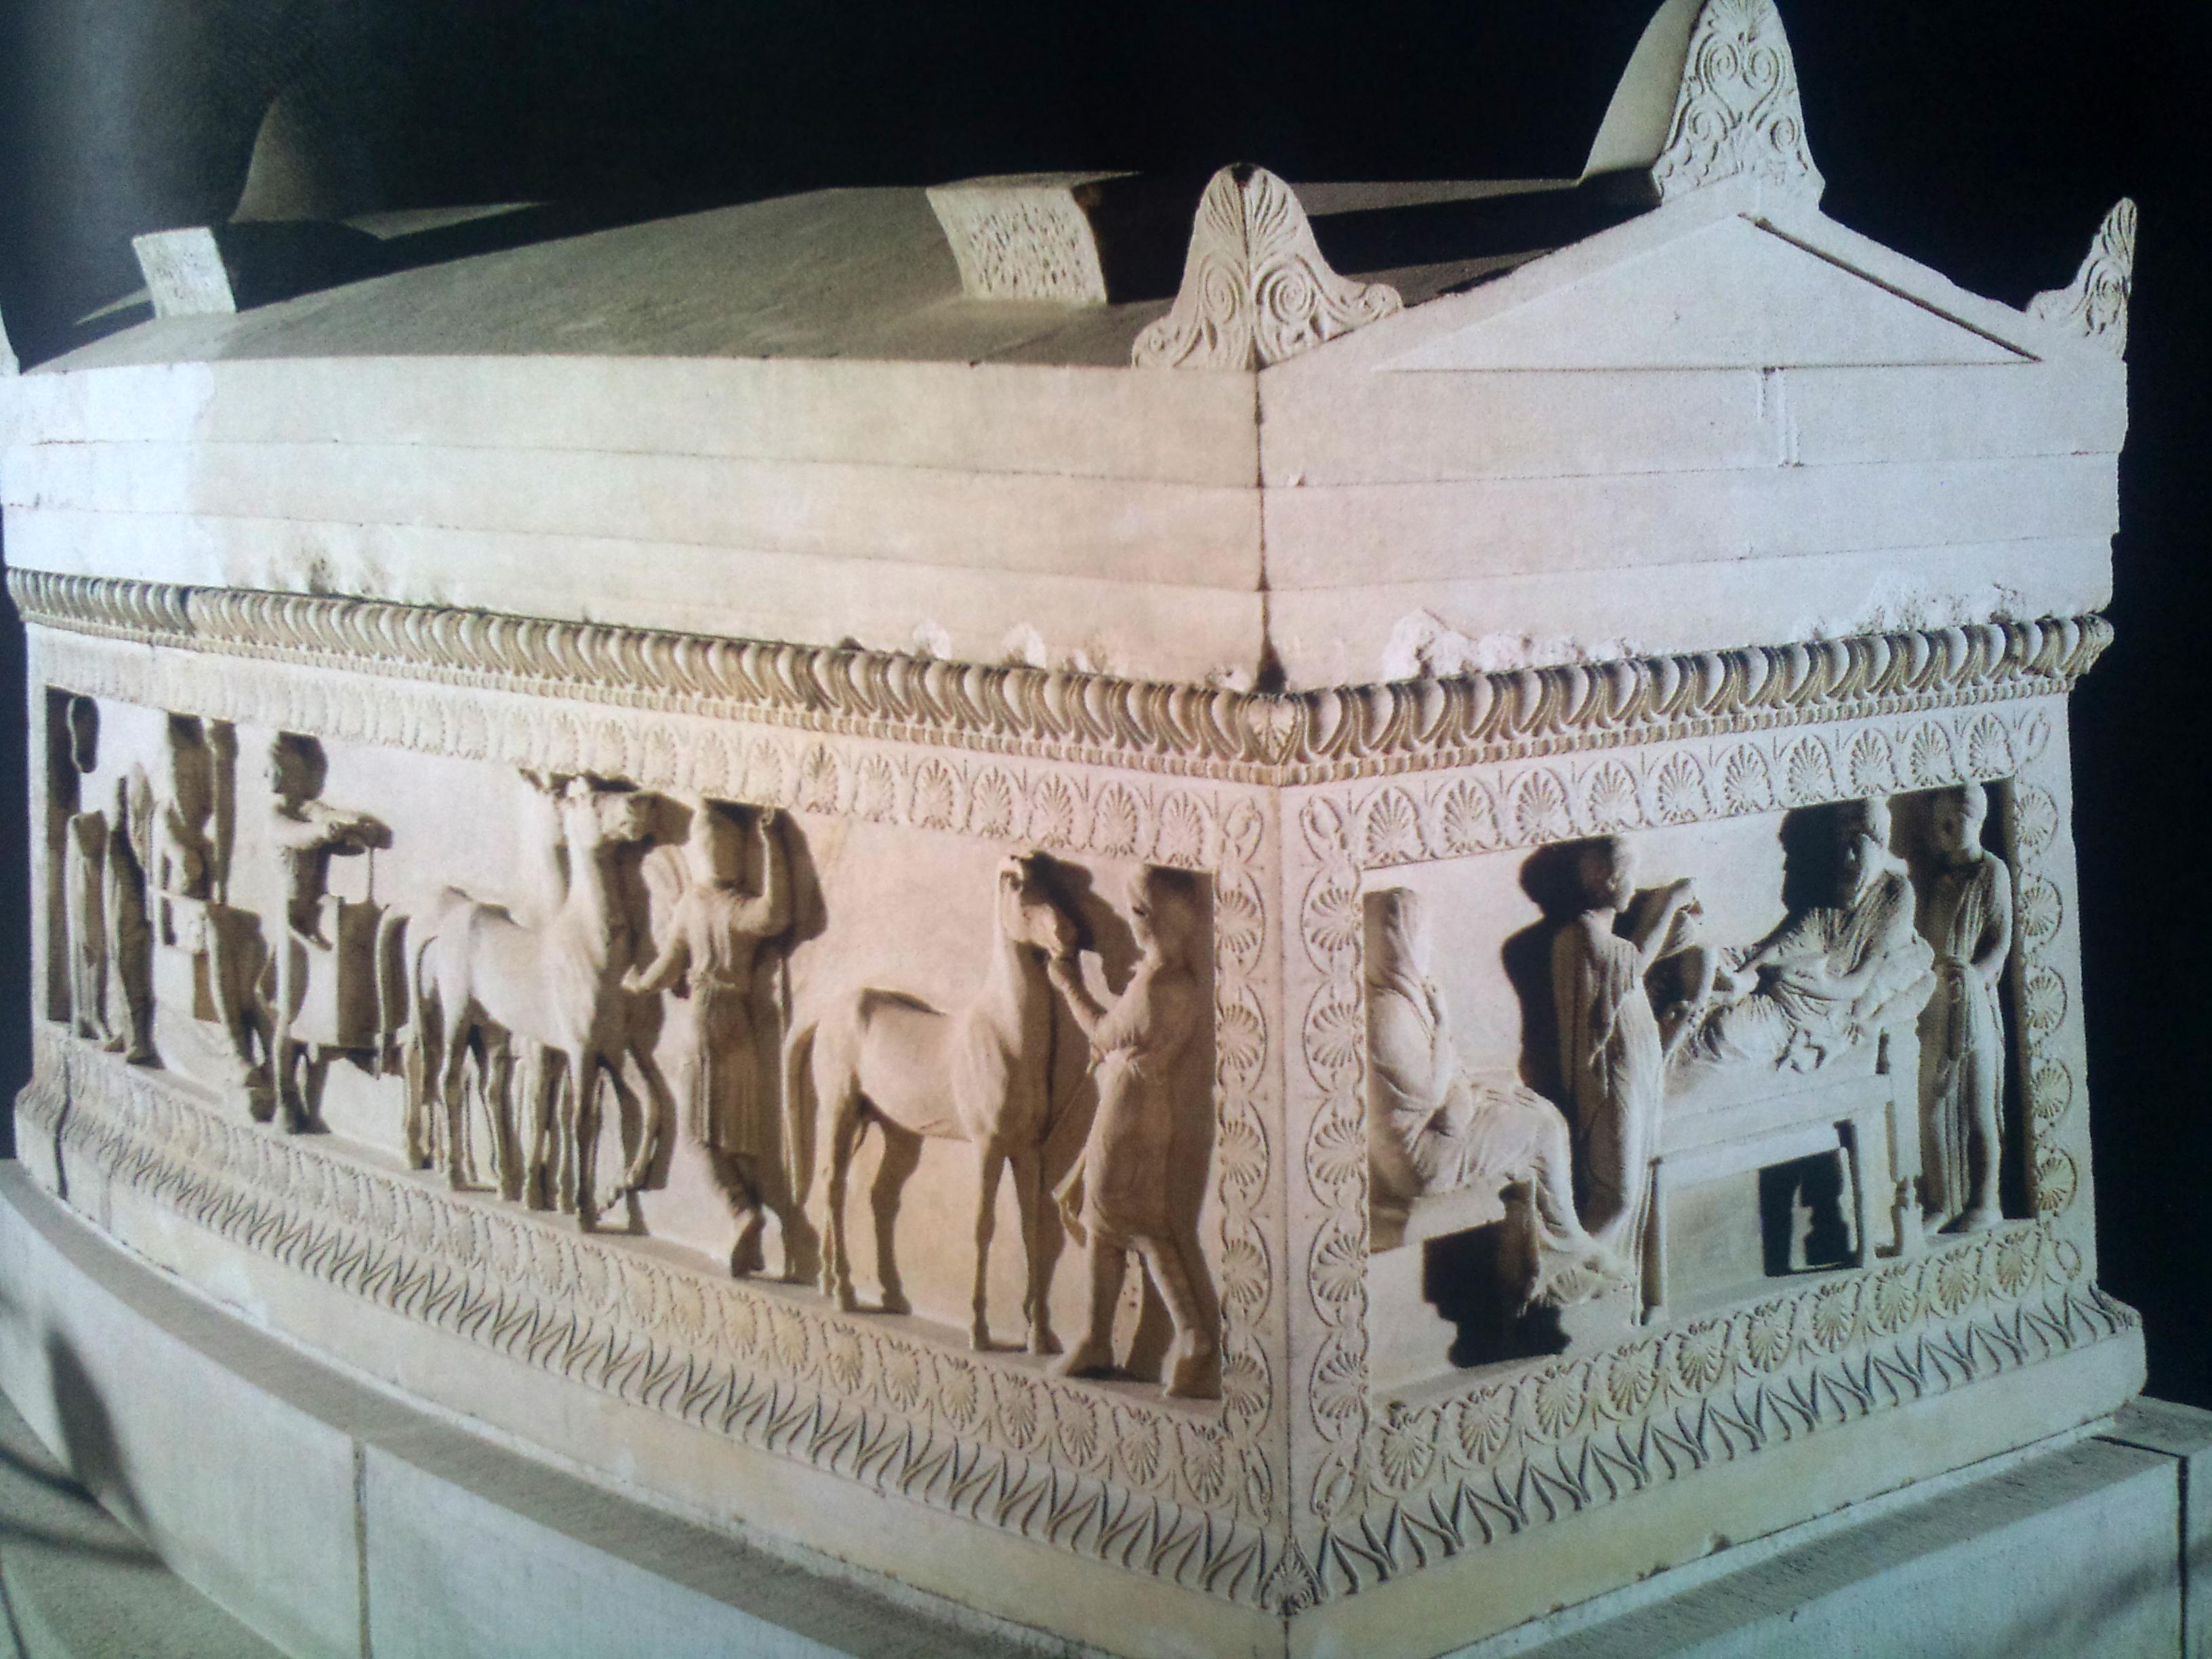 Η σαρκοφάγος του σατράπη, από την Νεκρόπολη της Σιδώνας...